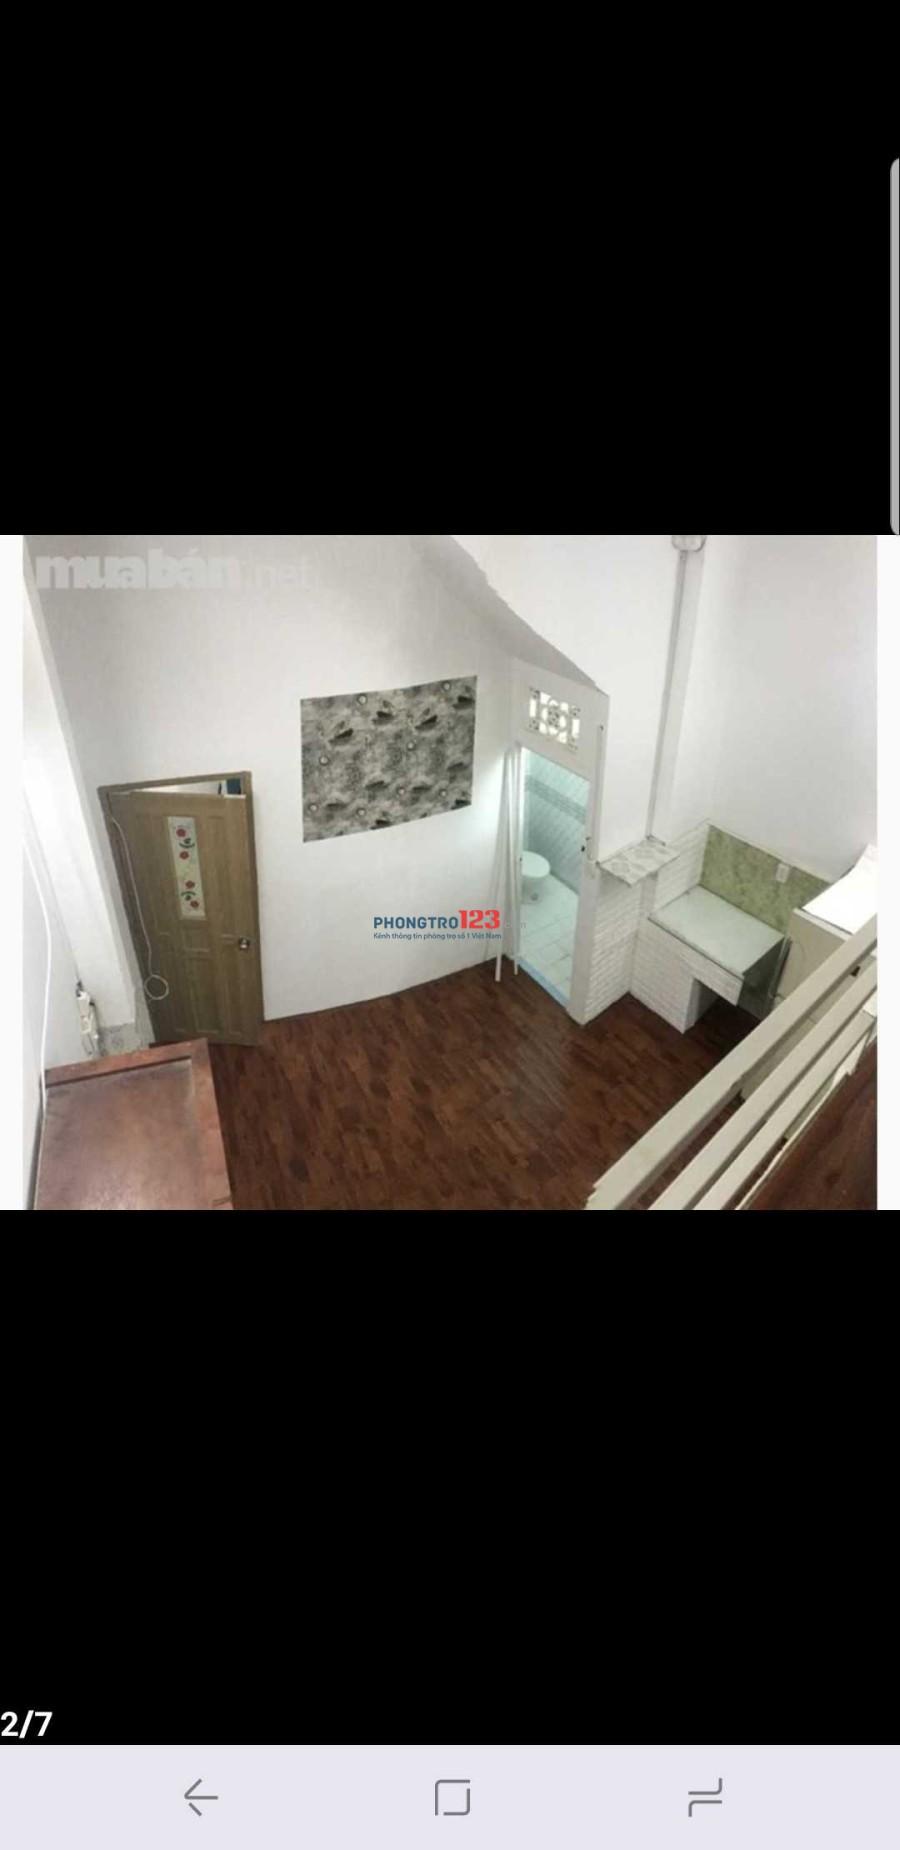 Cho thuê phòng lớn 35m2 có gác full nội thất có máy giặt free, sàn gỗ cao cấp